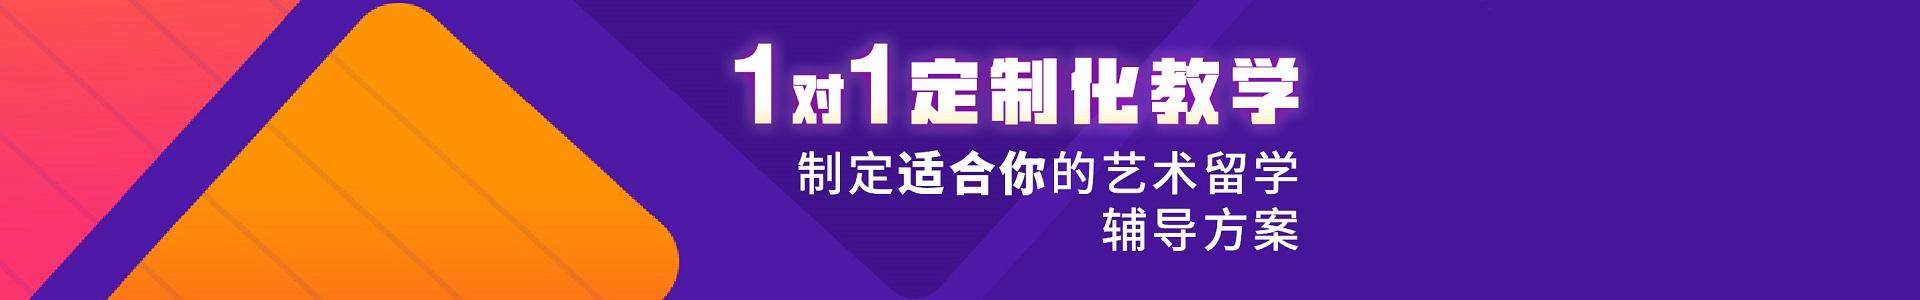 上海藝術留學機構